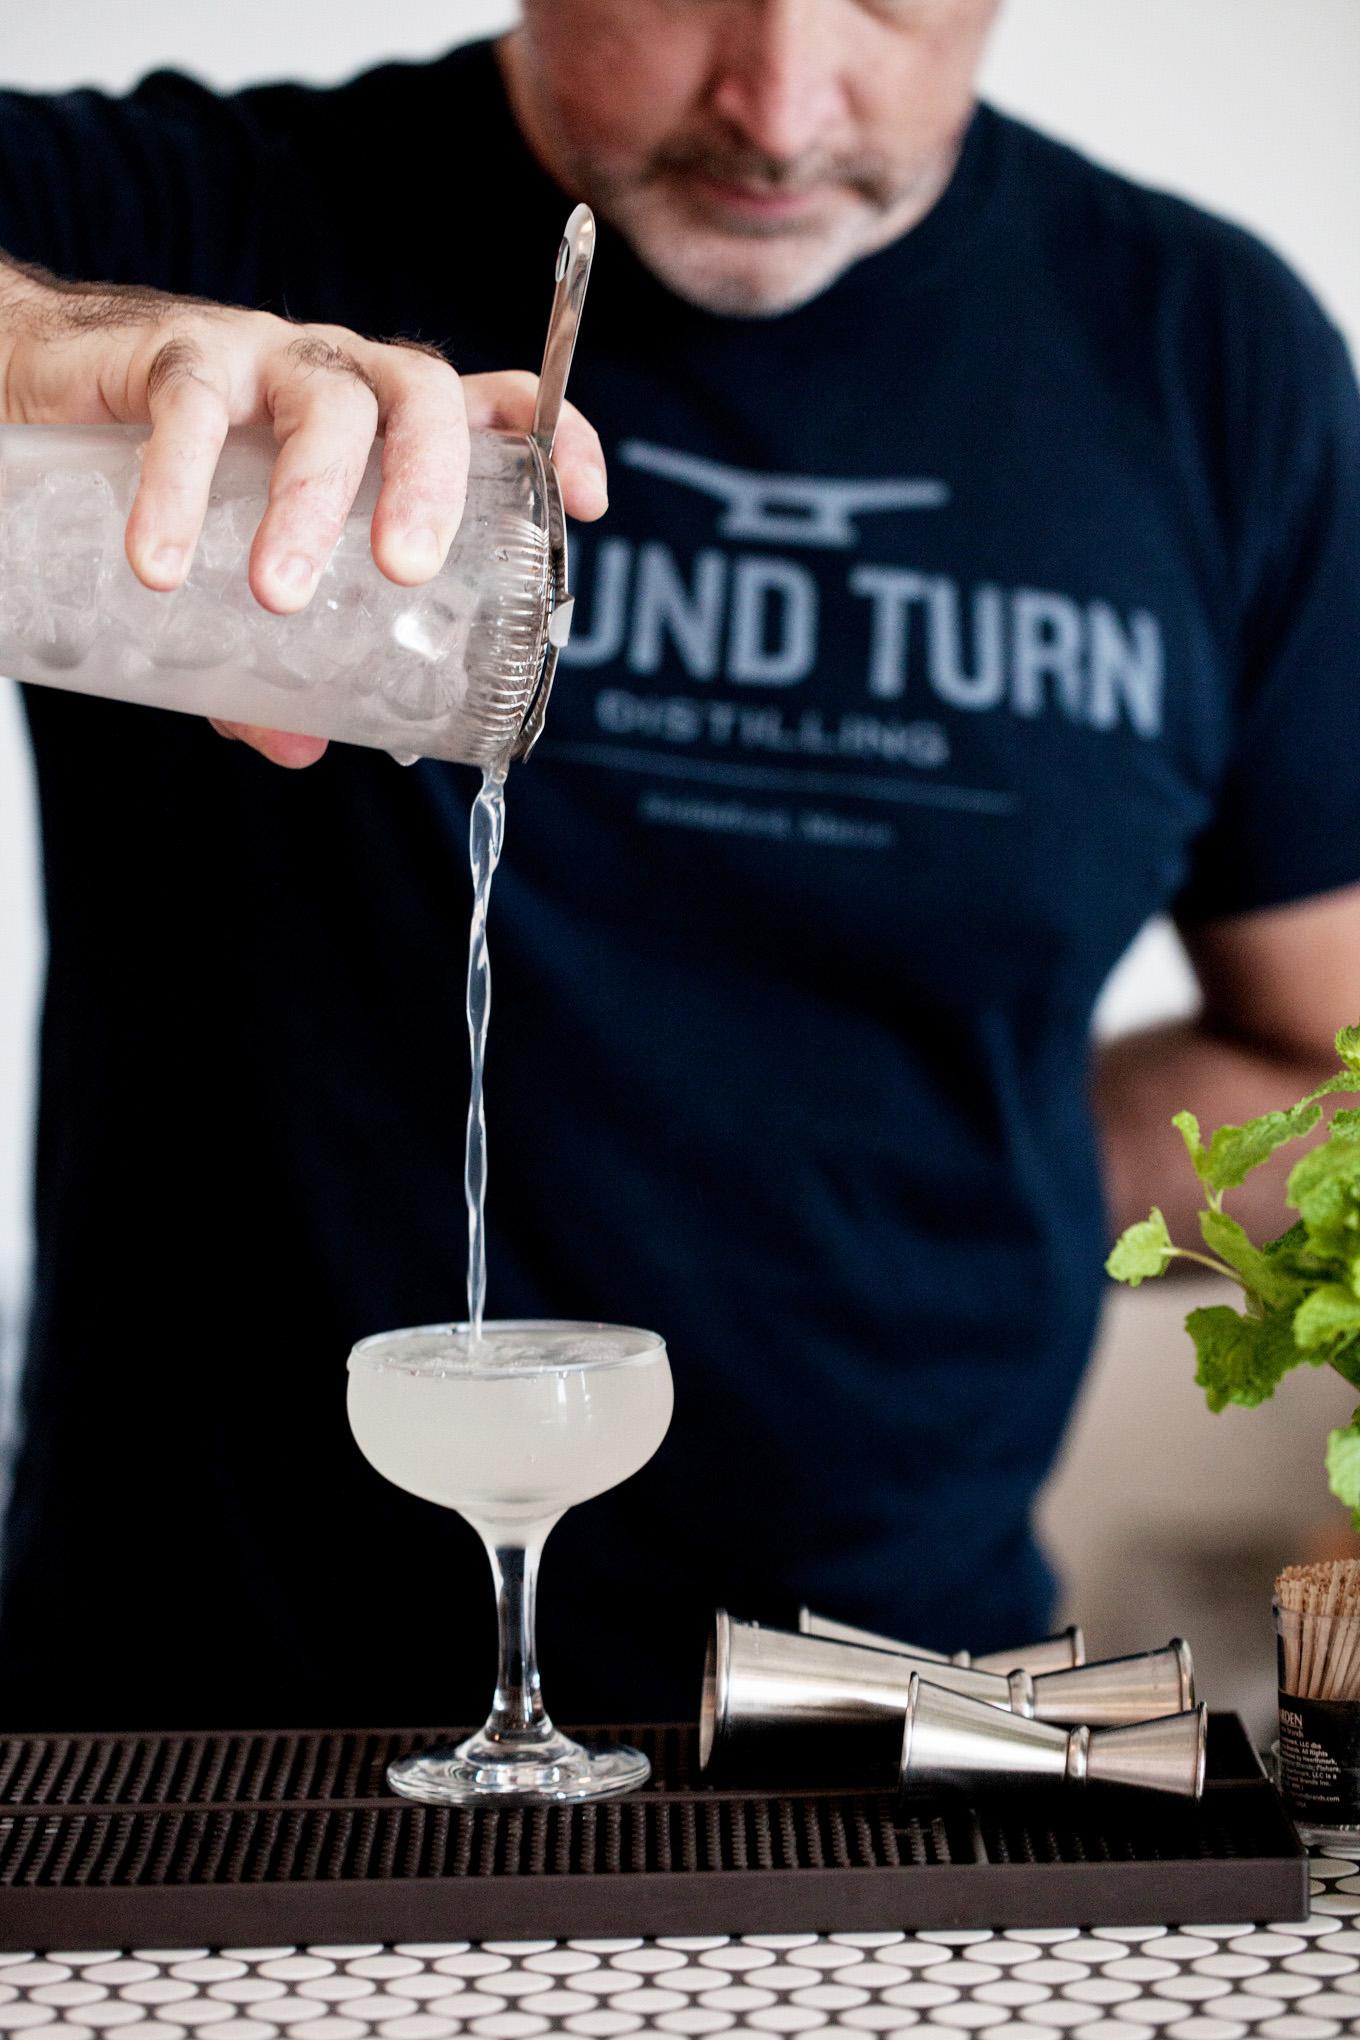 © Heidi Kirn Round Turn Distillery Biddeford Maine-2-3.jpg